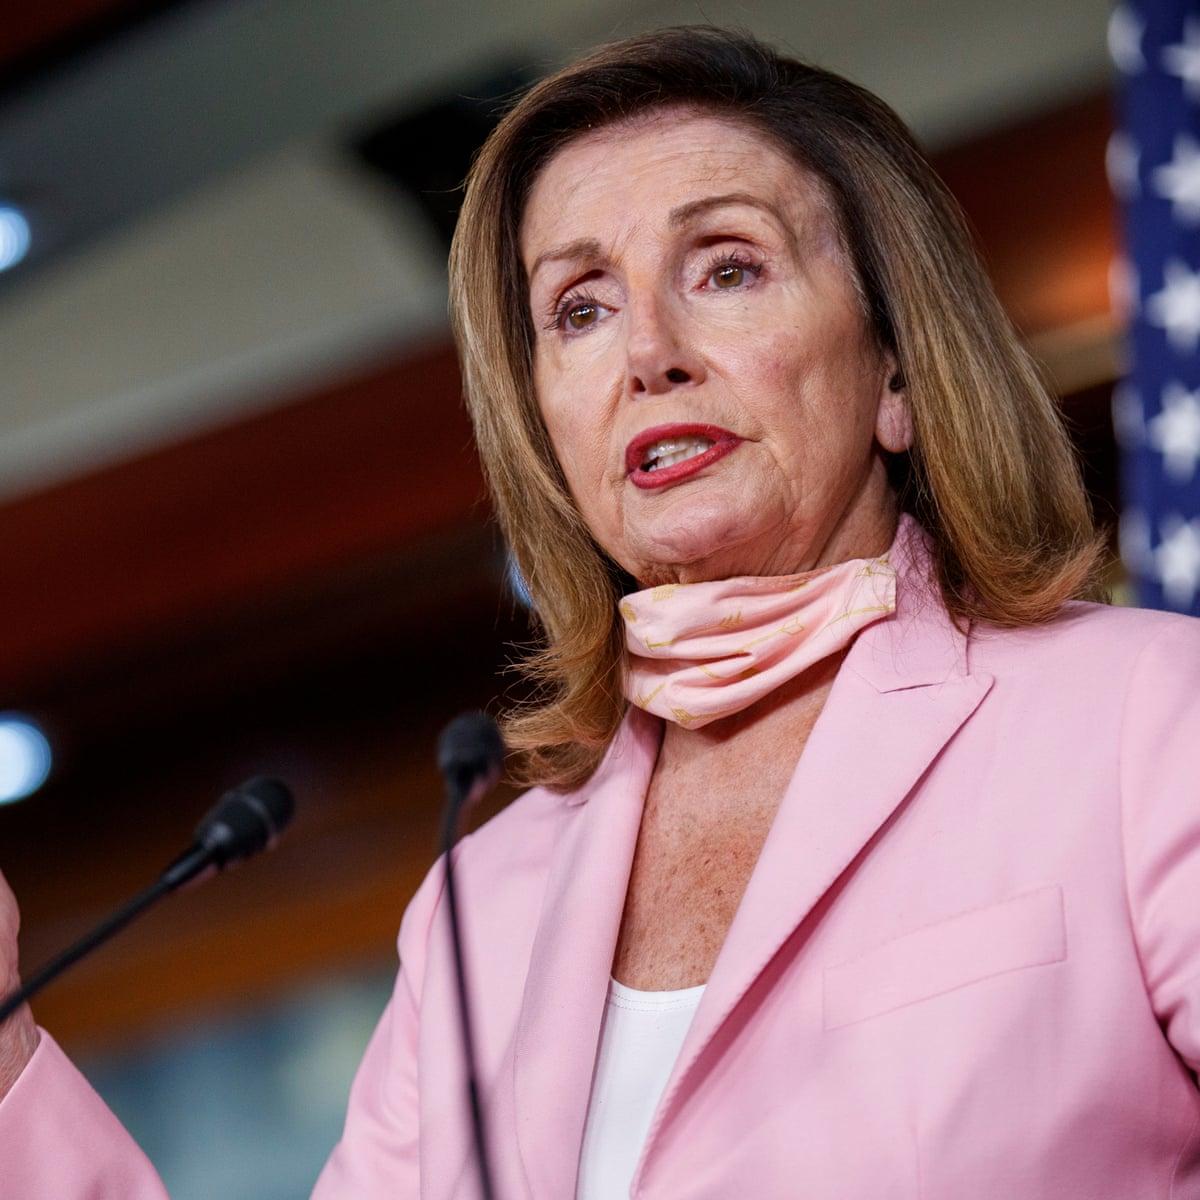 Nancy fakes